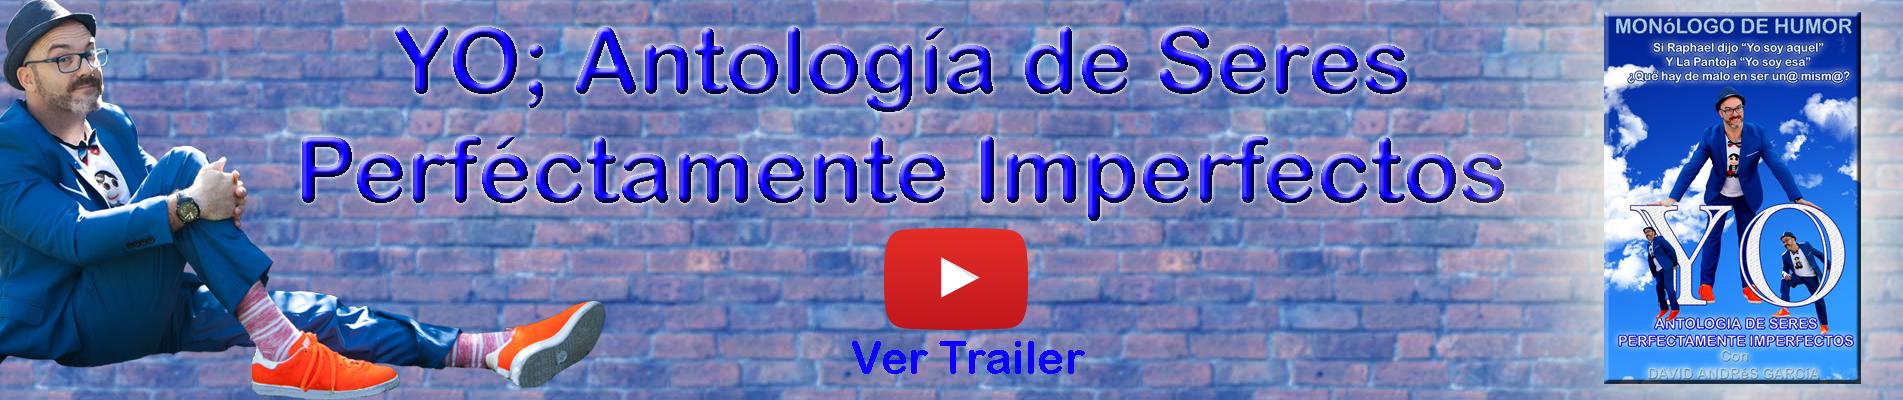 Slider-Yo-Antologia-de-Seres-Perfectamente-Imperfectos